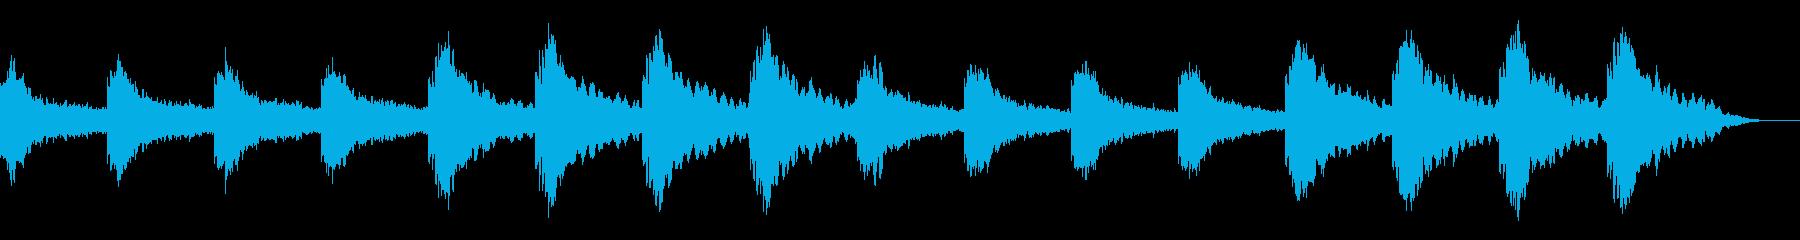 【幻想的】ヒーリング、ヨガ、自然癒し音楽の再生済みの波形